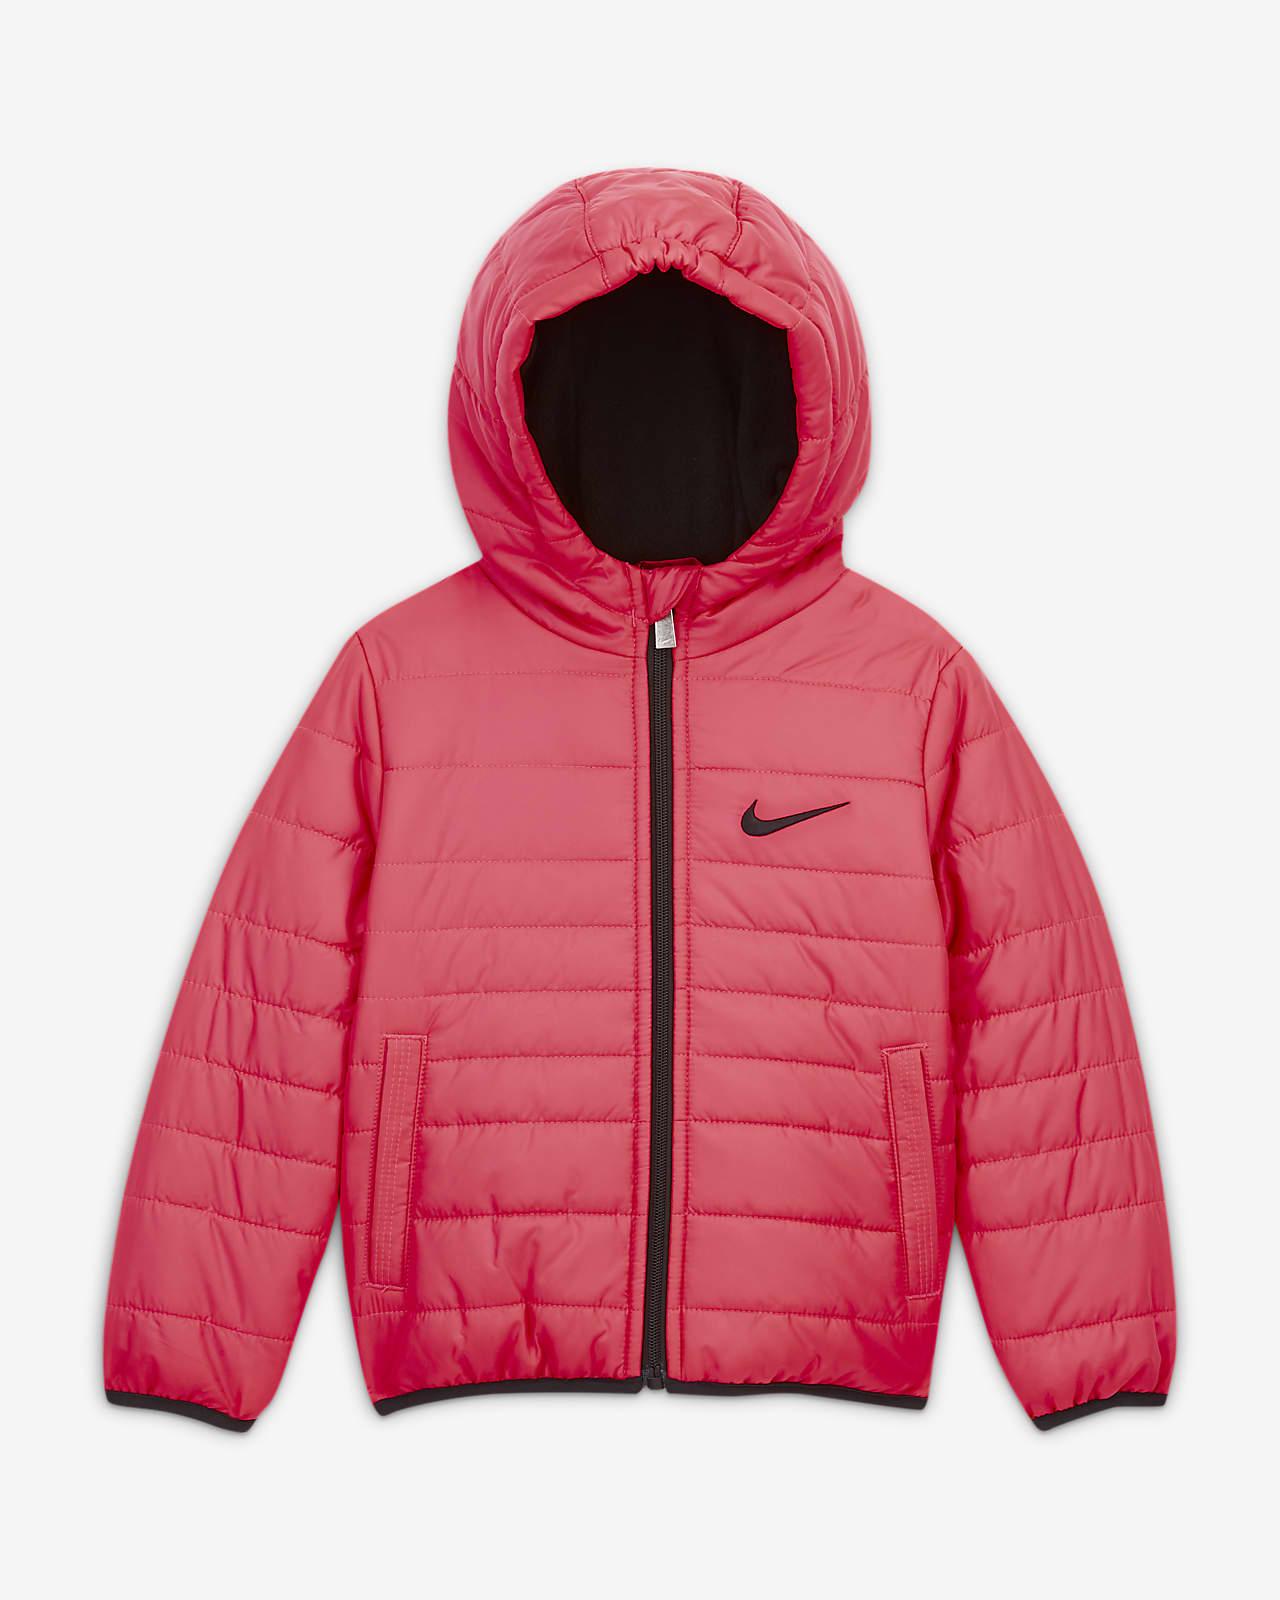 Nike dunjacka för små barn